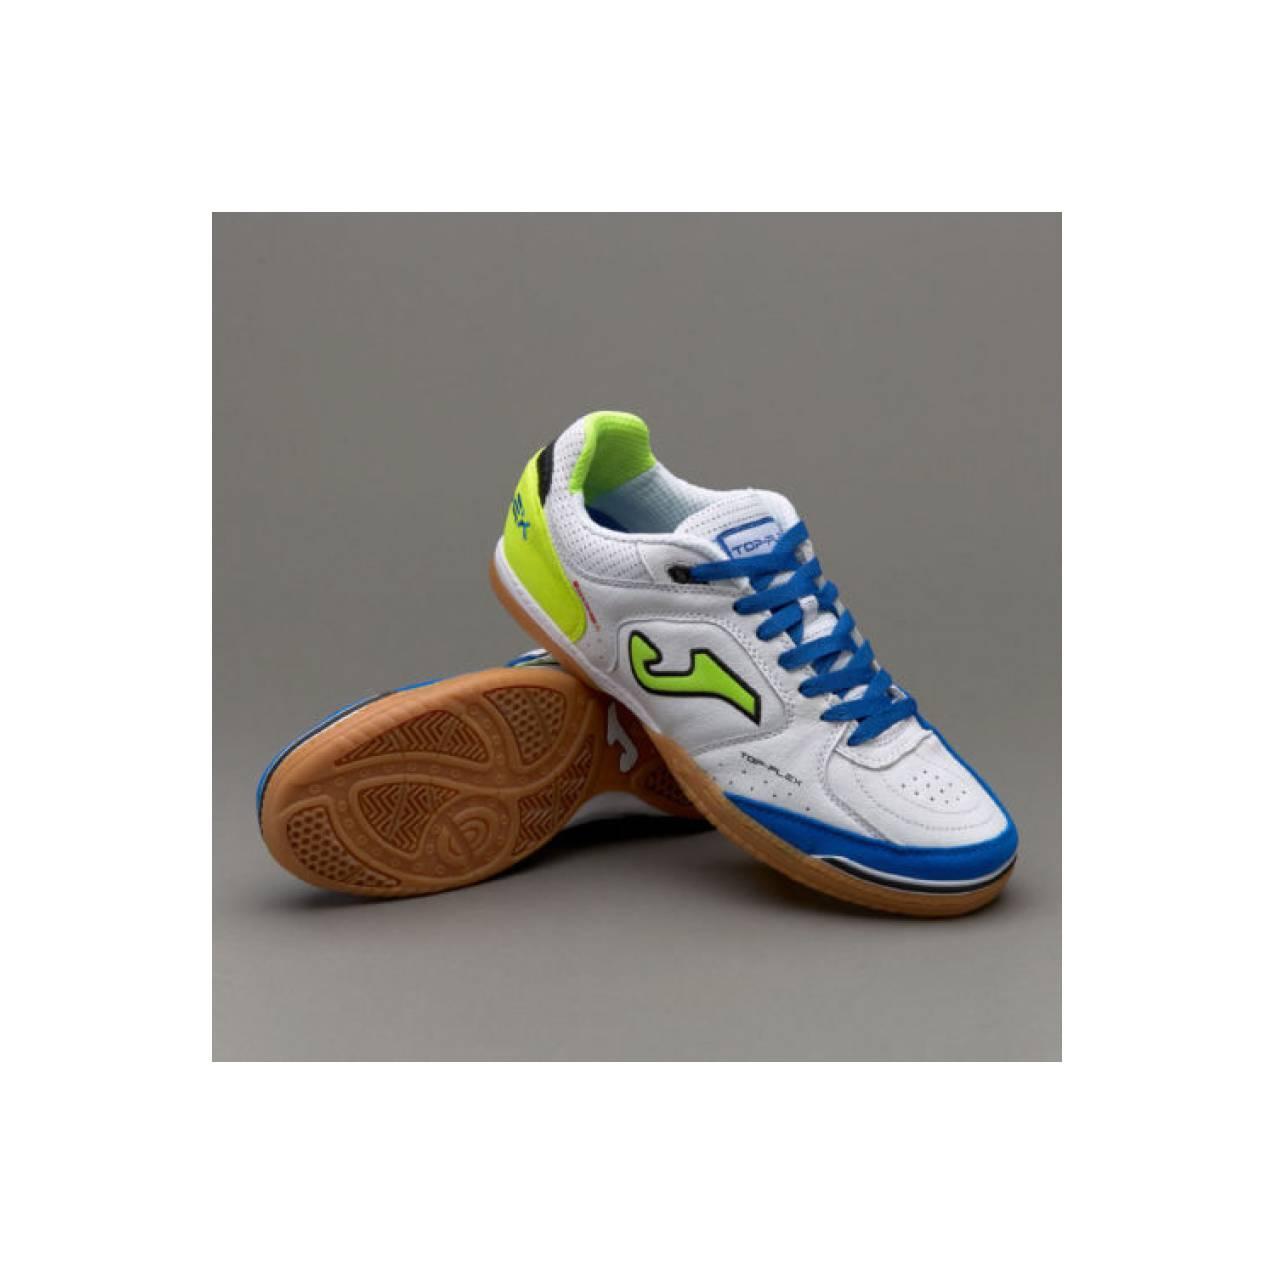 sepatu - SCARPE CALCETTO / FUTSAL INDOOR JOMA TOP FLEX 702 WHITE SUPER